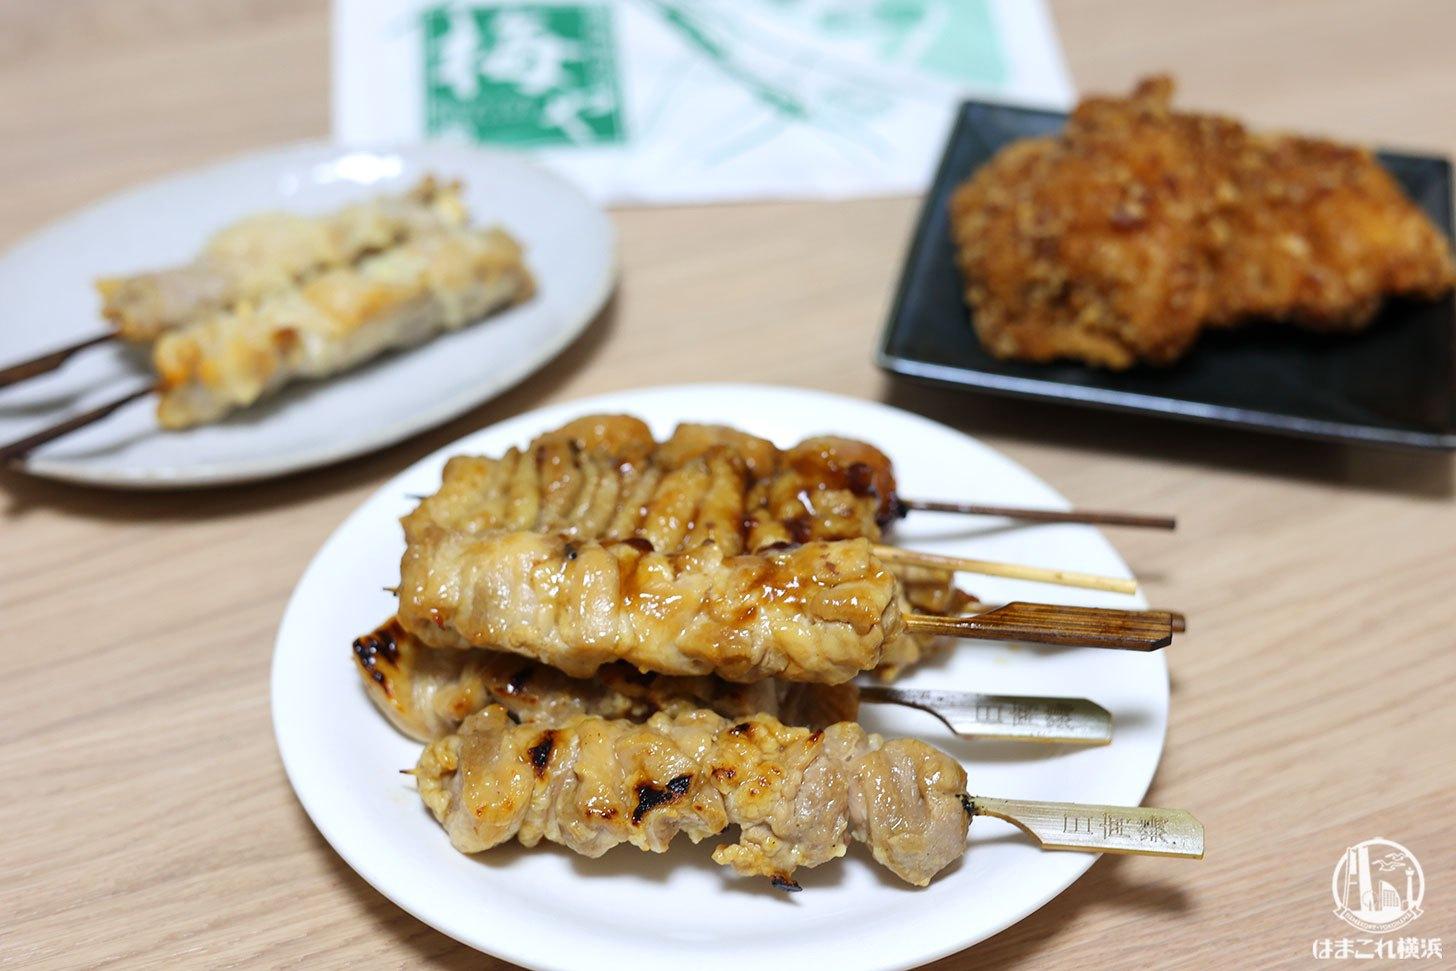 横浜「梅や」老舗鶏肉専門店が作る焼き鳥テイクアウト!鶏の惣菜豊富・精肉売場隣接